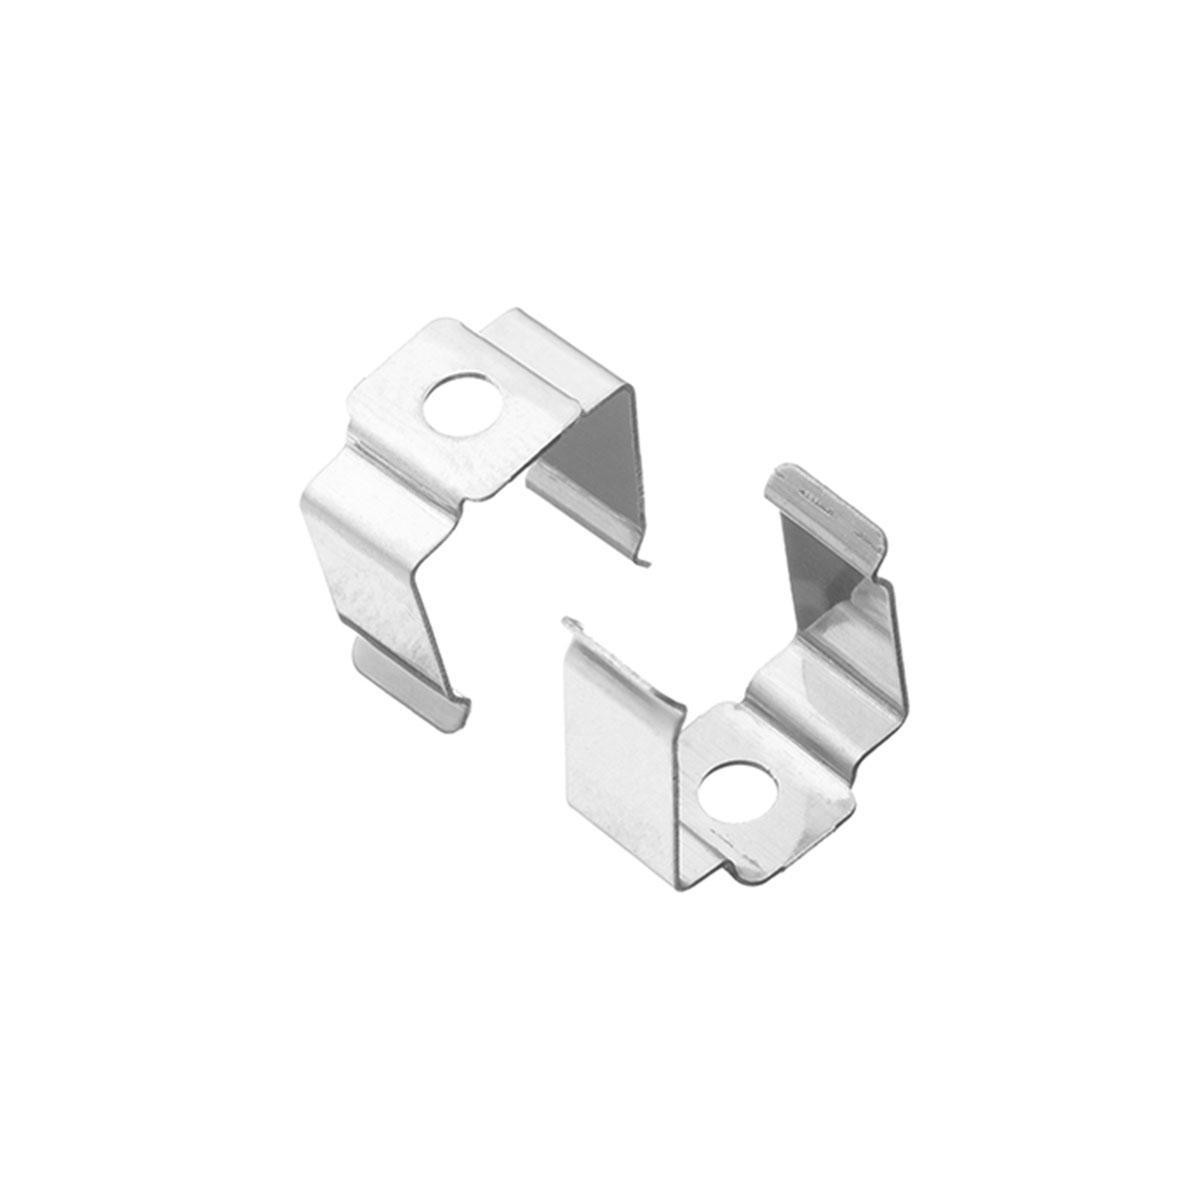 1 Paar Montageclips Halter für Fugen-Profil 18 x 15mm (4300)